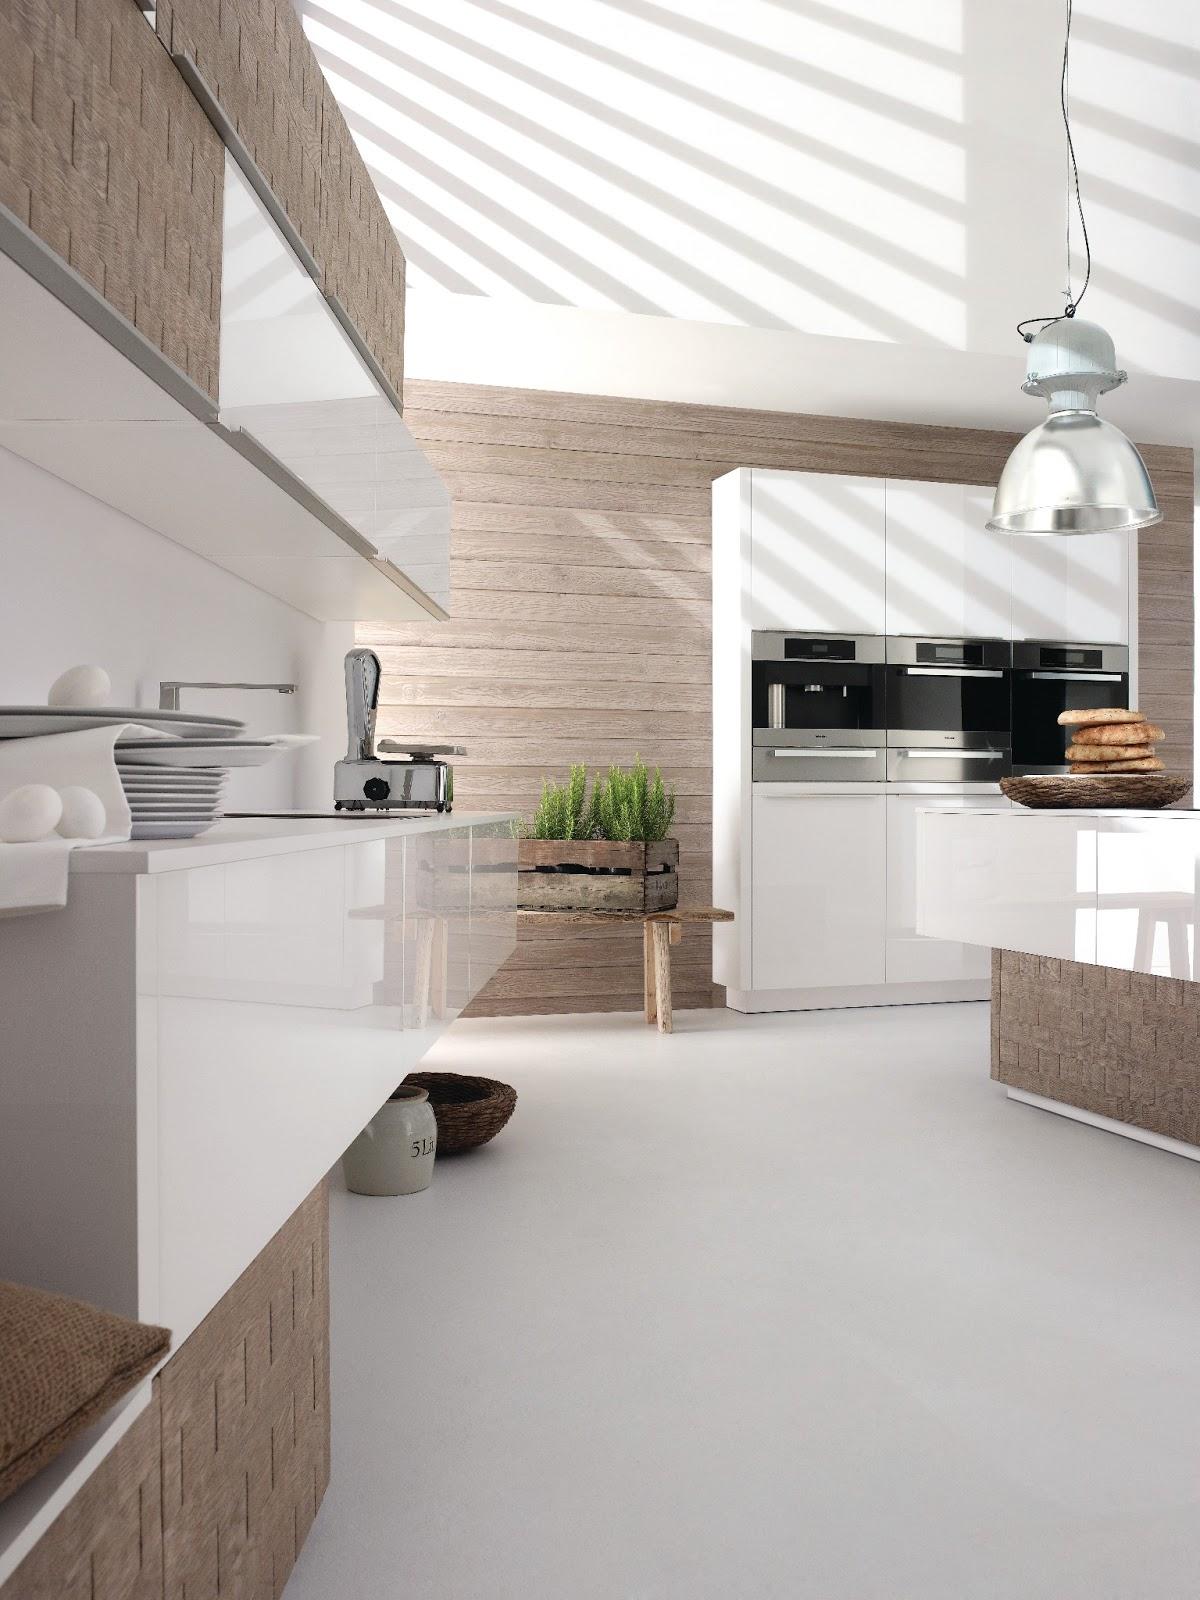 Cuisine Arthur Bonnet Rouen cuisine design blanche et bois